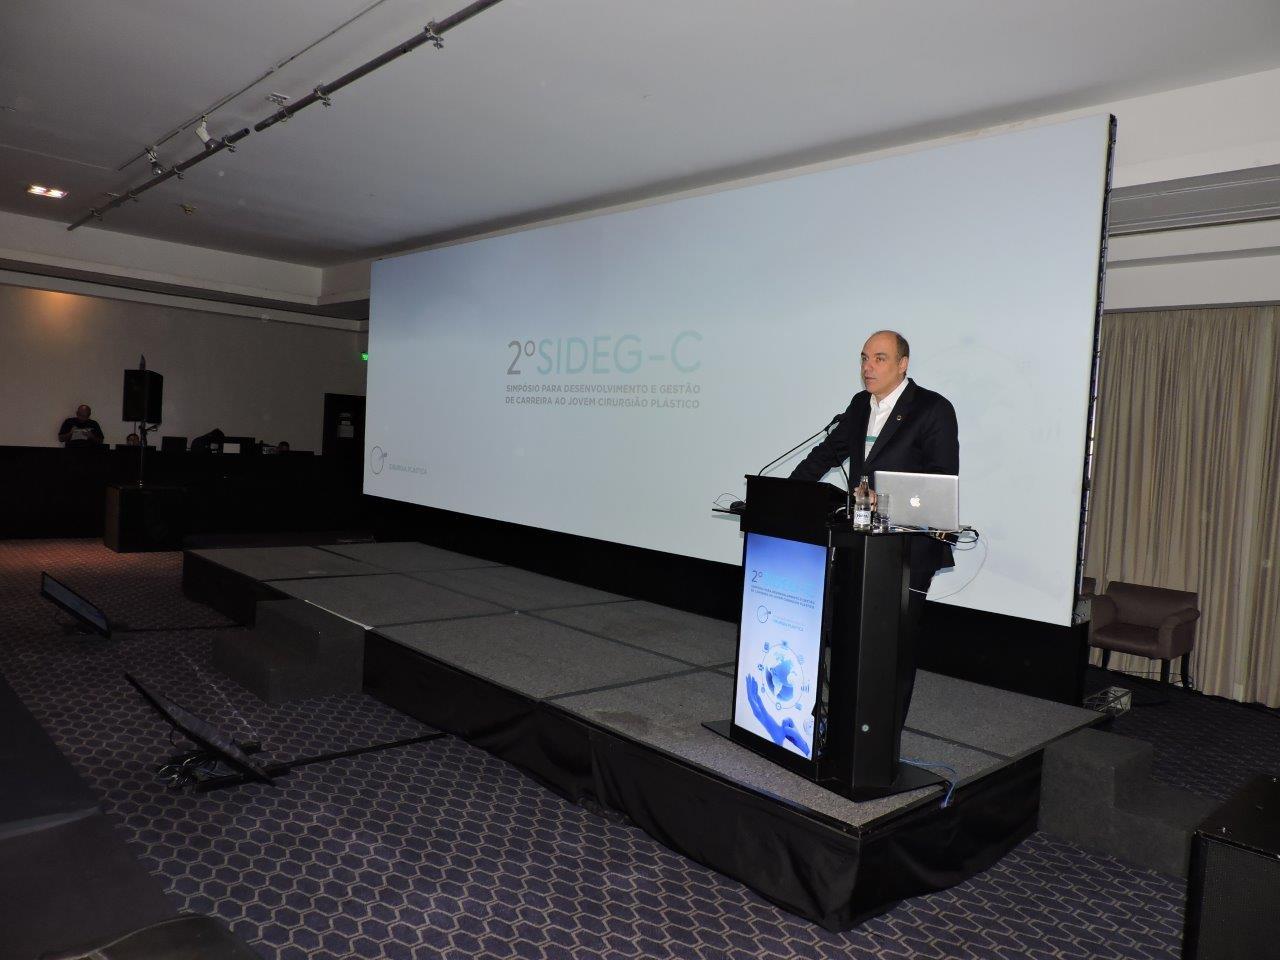 Dr. Denis Calazans